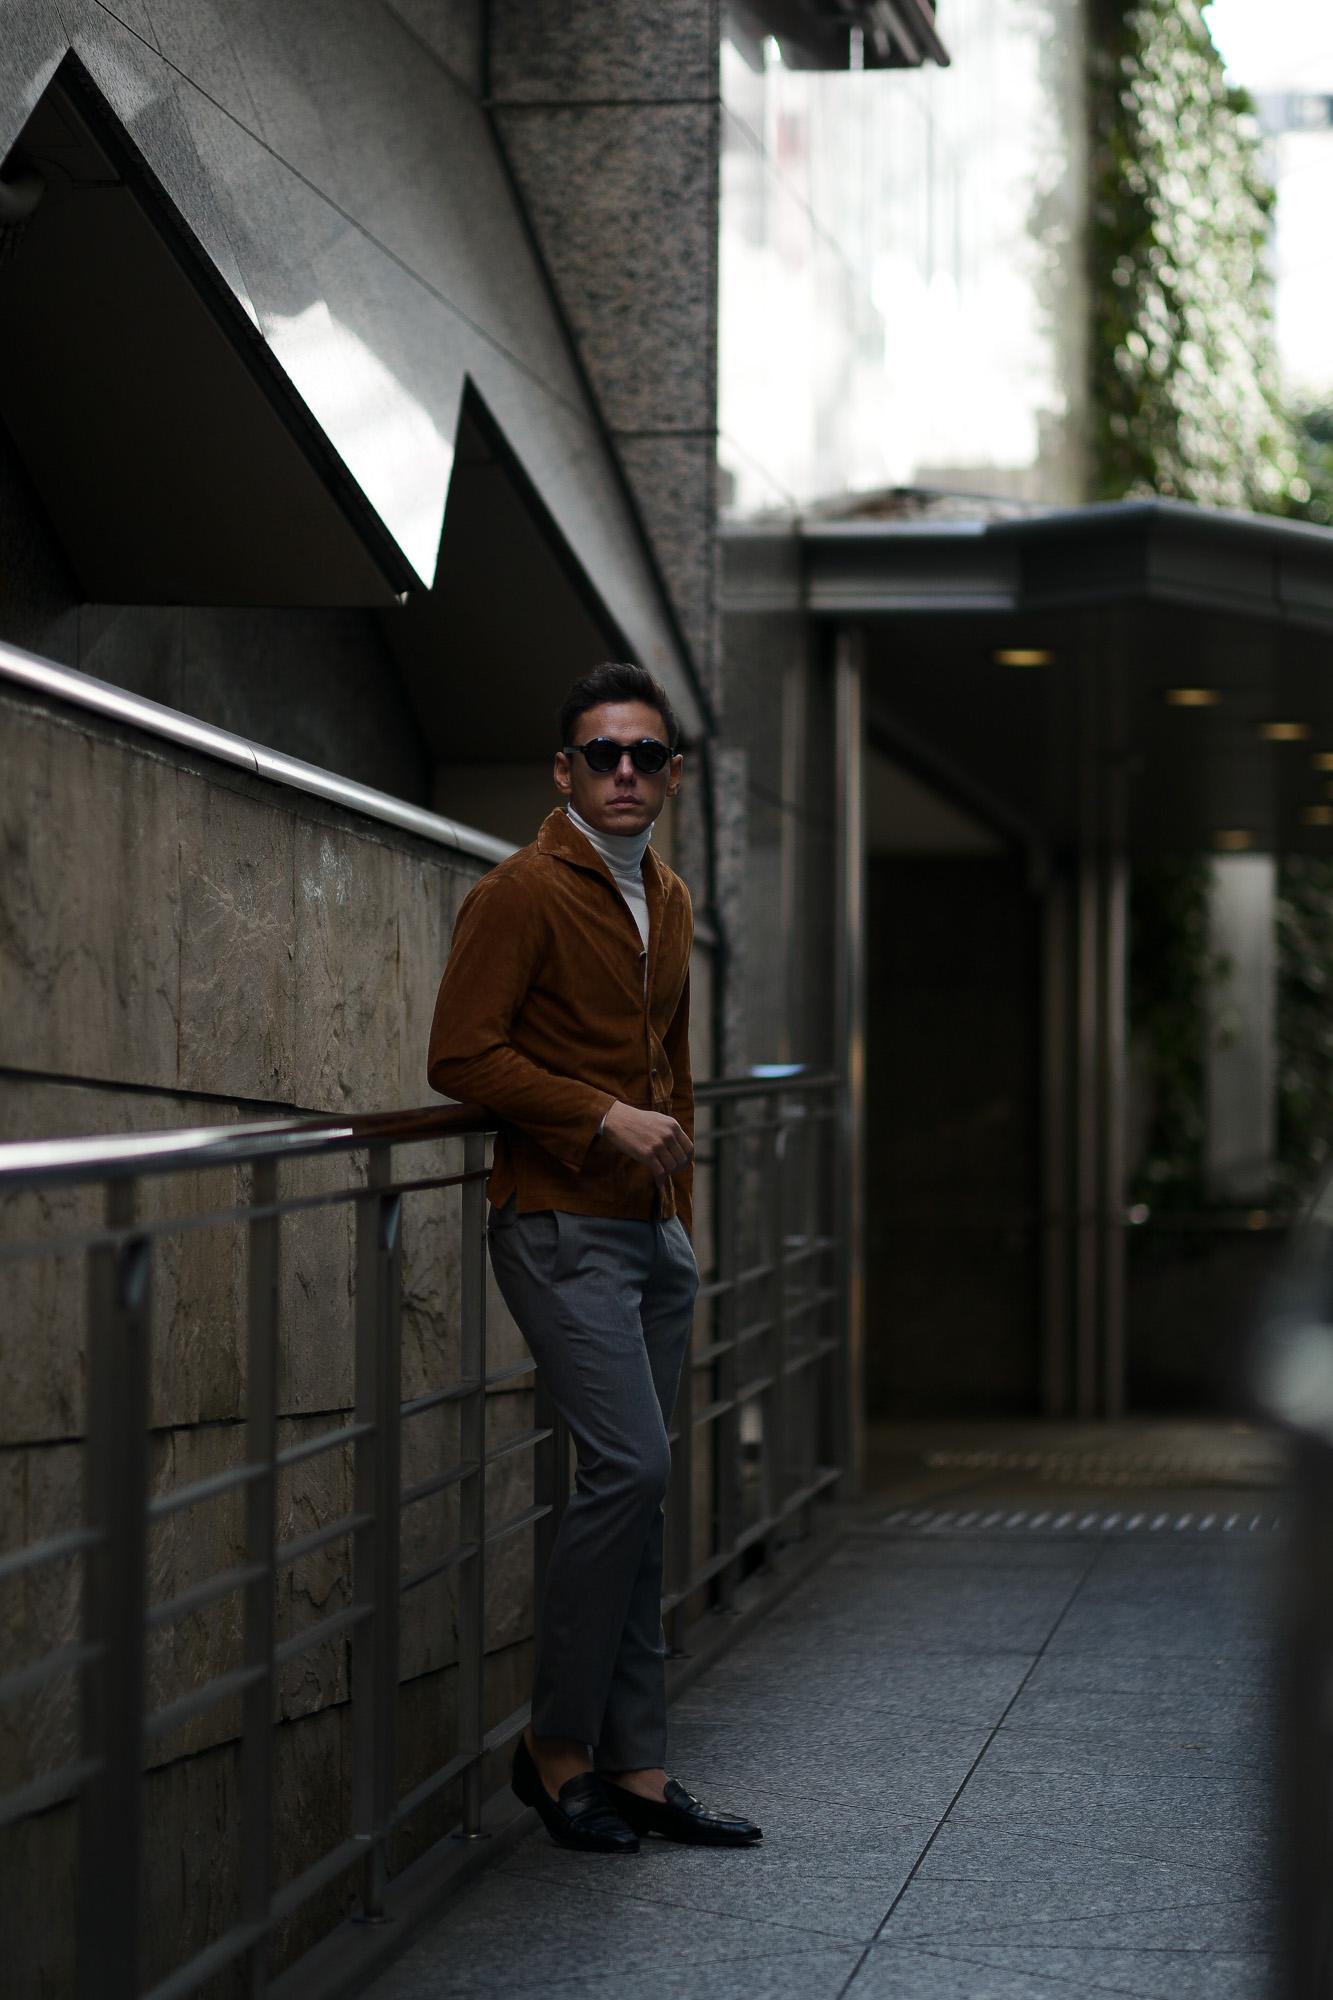 Alfredo Rifugio (アルフレード リフージオ) SS326 CAMOSCIO Summer Suede Leather Shirts サマースウェード レザーシャツ CAMEL (キャメル) made in italy (イタリア製) 2019 春夏 【ご予約受付中】alfredorifujio アルフレードリフージオ 愛知 名古屋 Alto e Diritto アルト エ デリット alto e diritto アルトエデリット レザージャケット 素肌にレザー 42,44,46,48,50,52